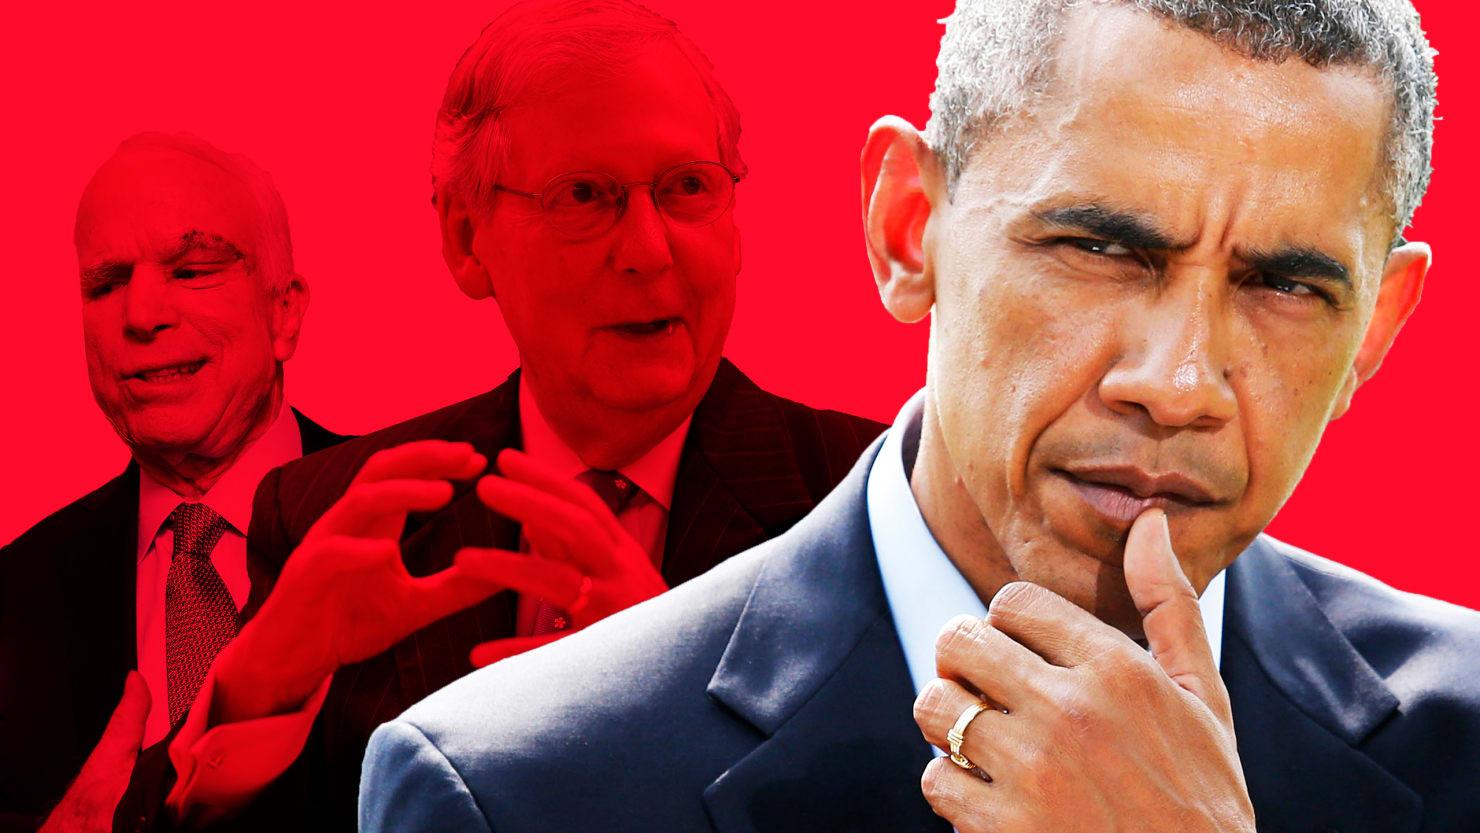 170726-stein-obama-healthcare-tease_abharc.jpg